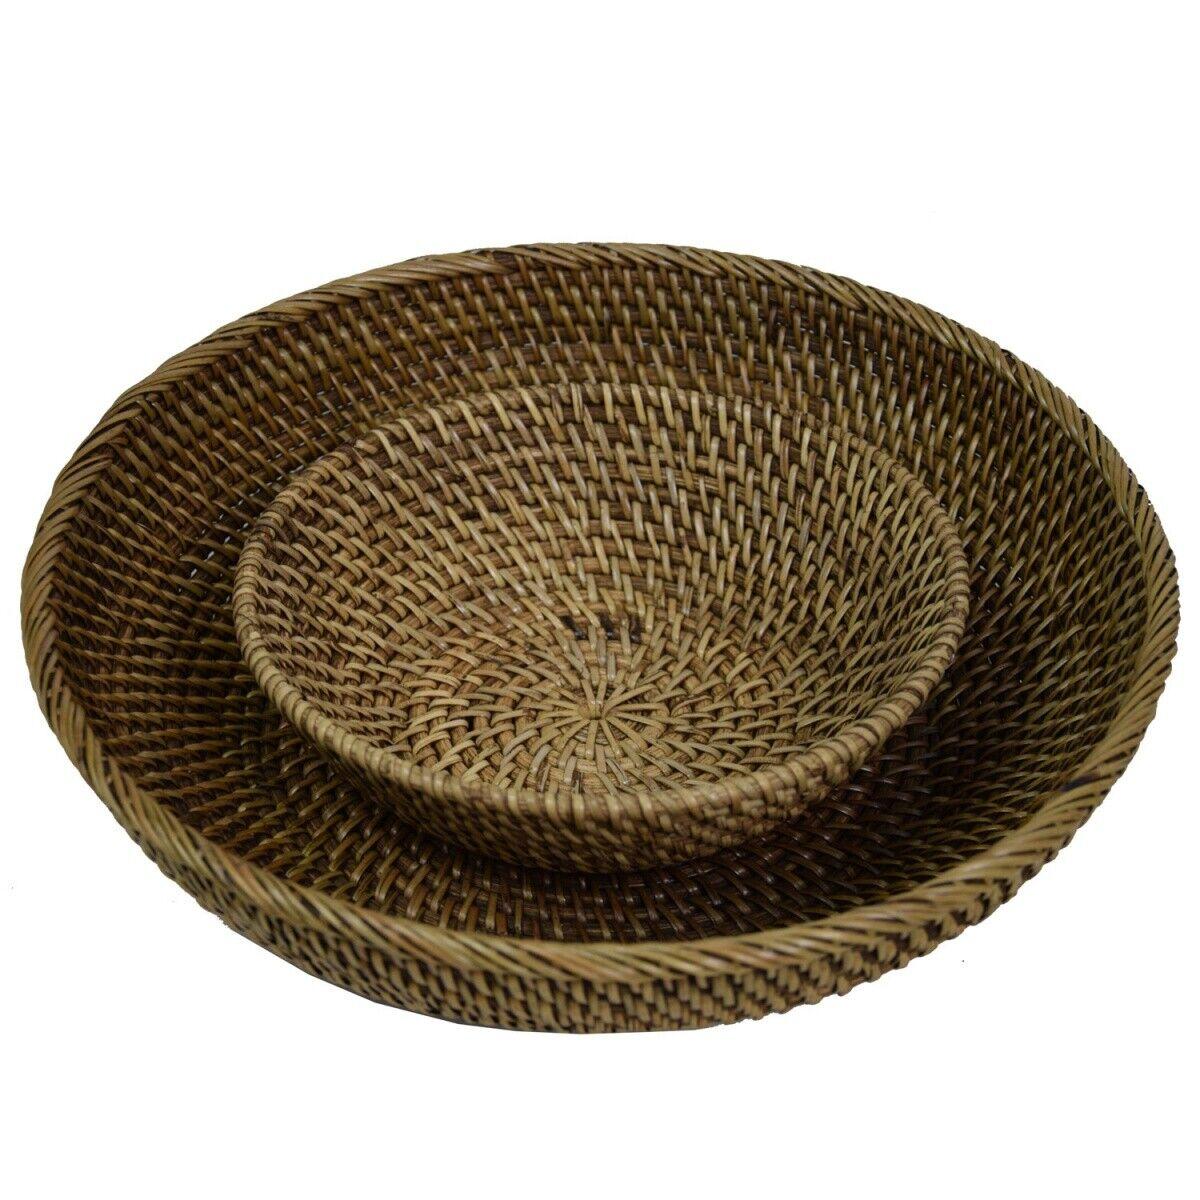 treccia ovale in rattan due pezzi per una vendita 35 x 14 x 7,5 cm ciotola in rattan fermentato in stile europeo Efforts